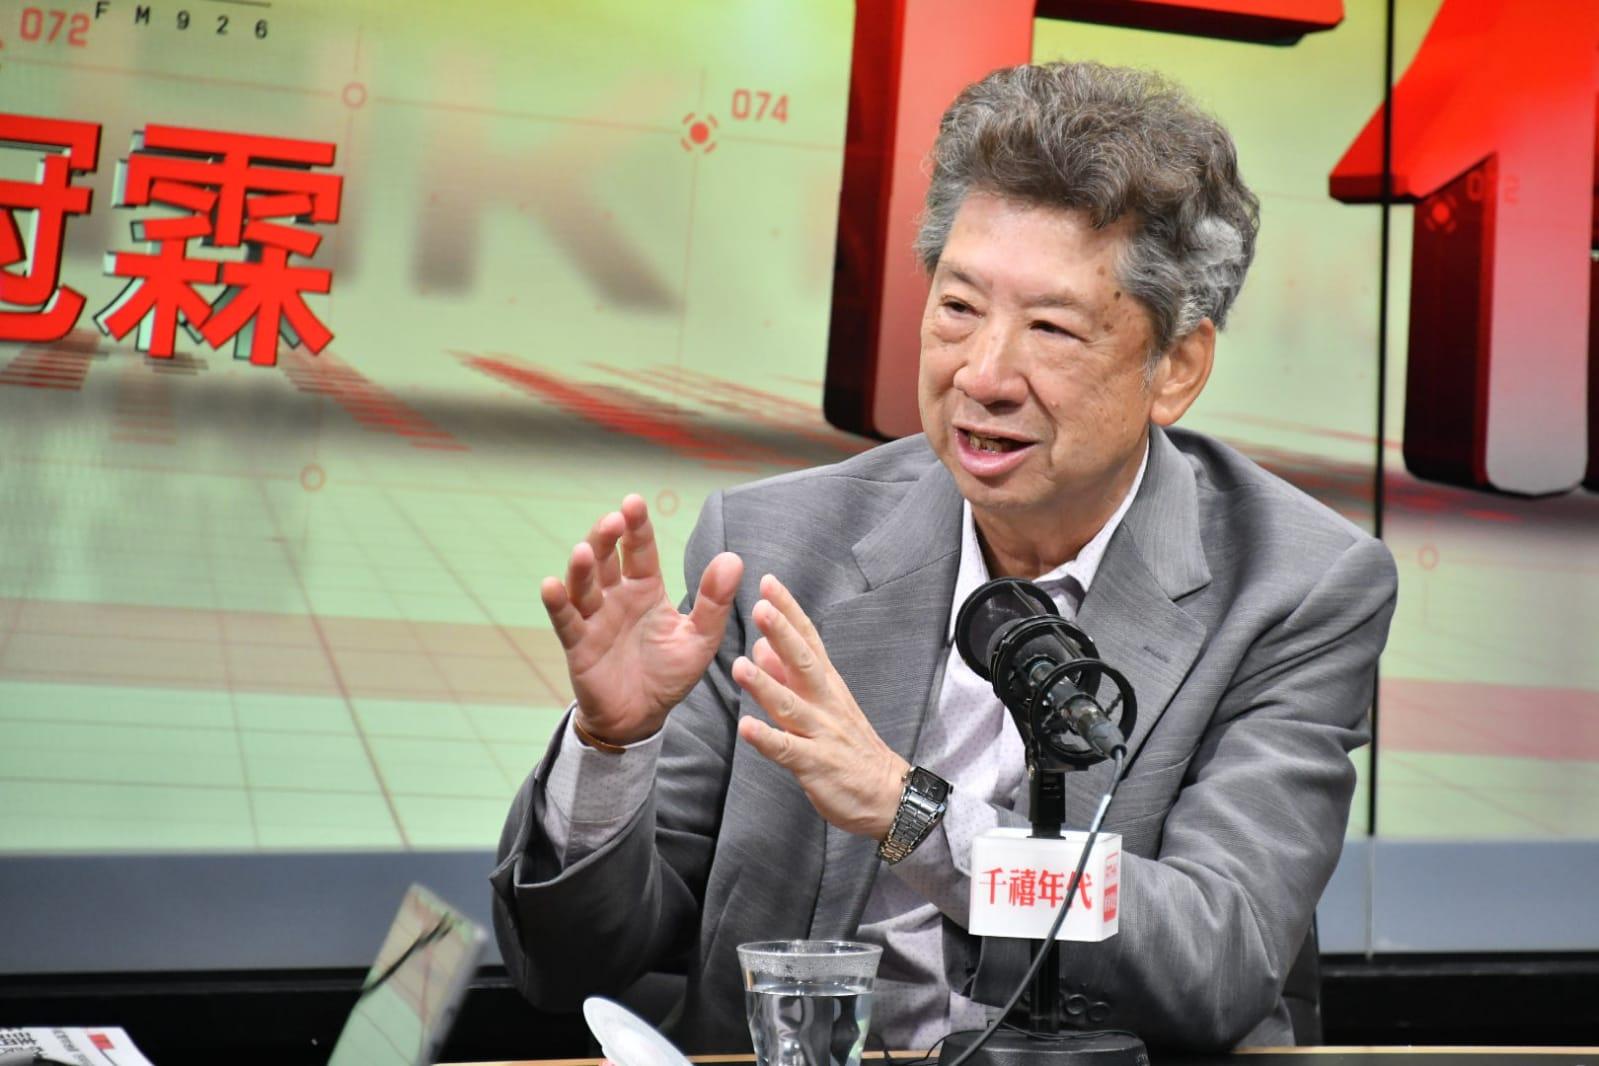 湯家驊稱林鄭月娥應留任,又指特首有權委任特務警察,負責事務無界定。